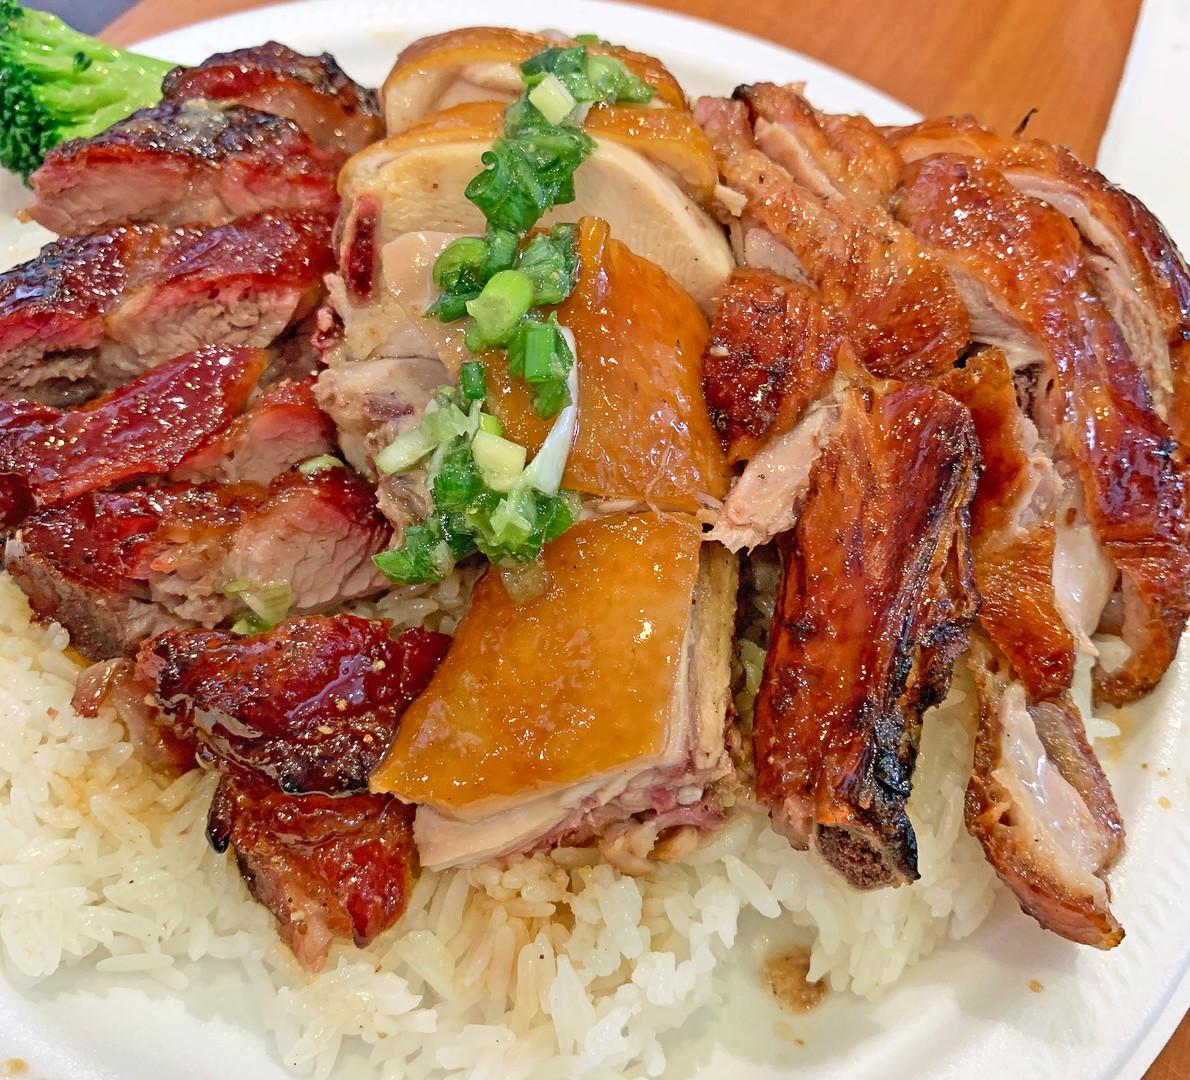 Three Meats